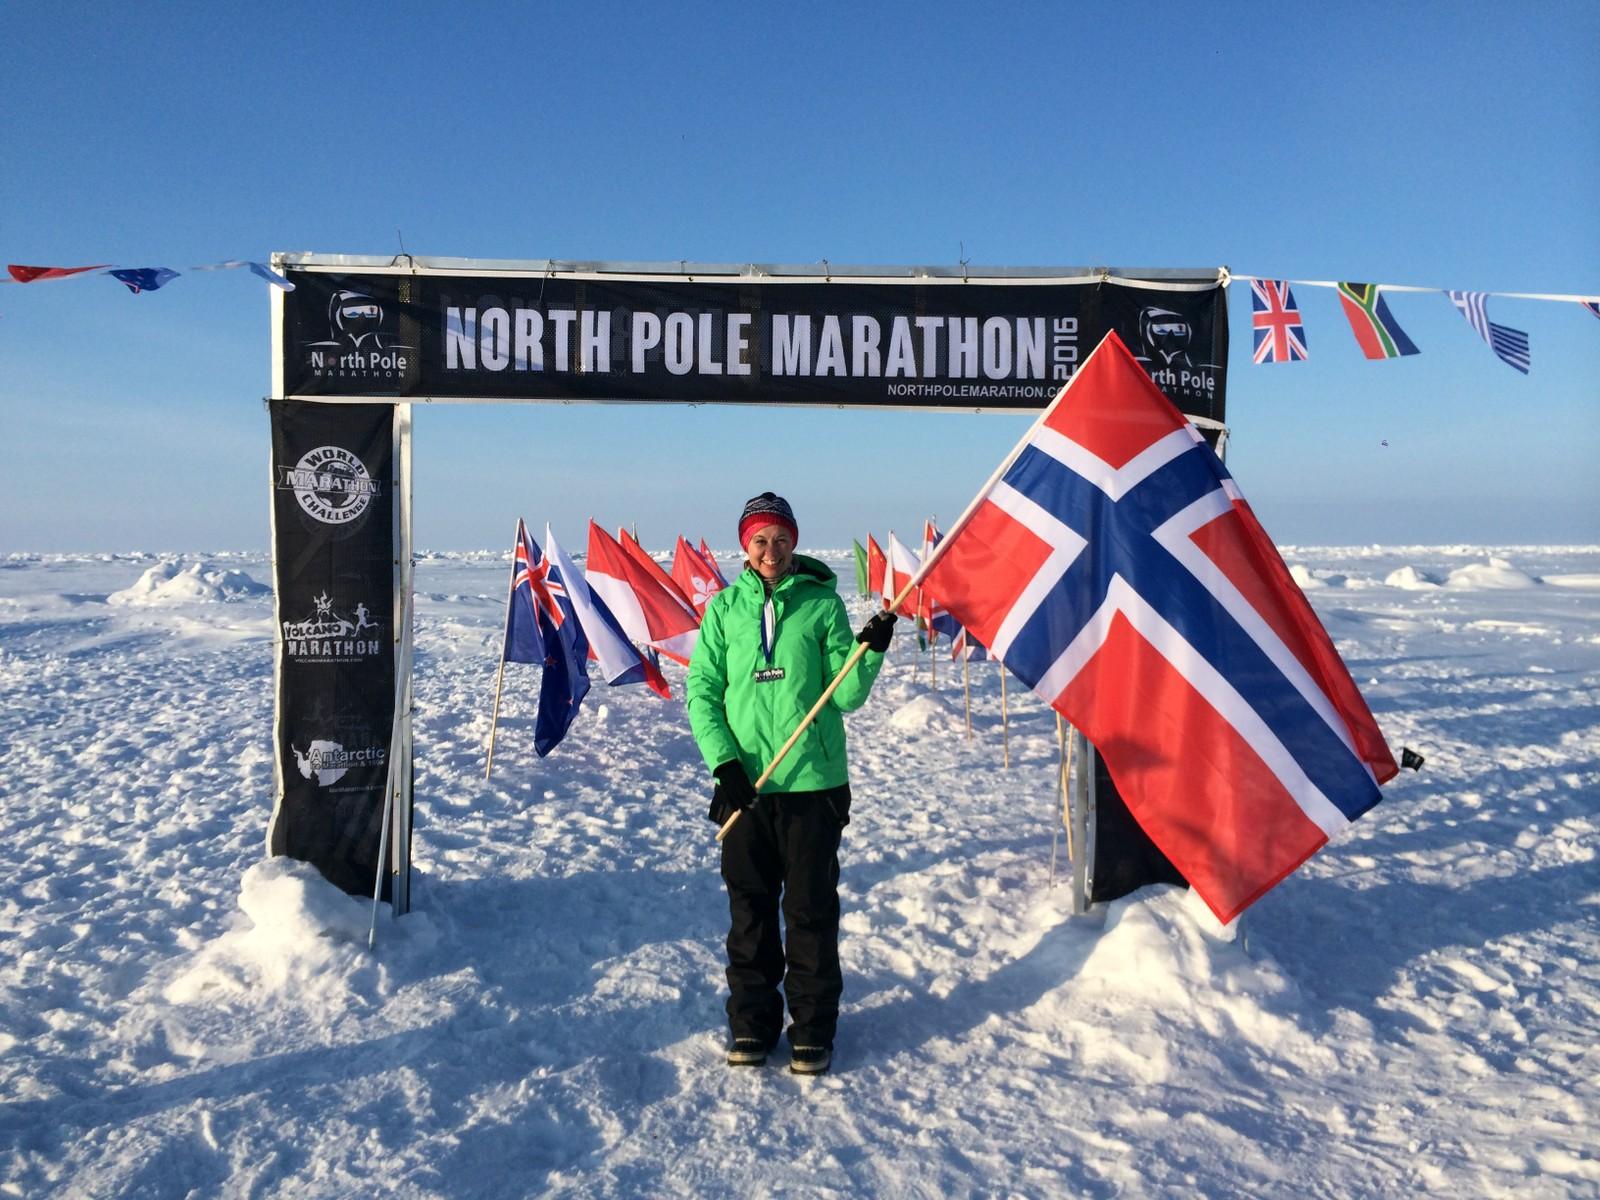 En fornøyd Lise Grønskar i mål etter å ha fullført maraton på Nordpolen.